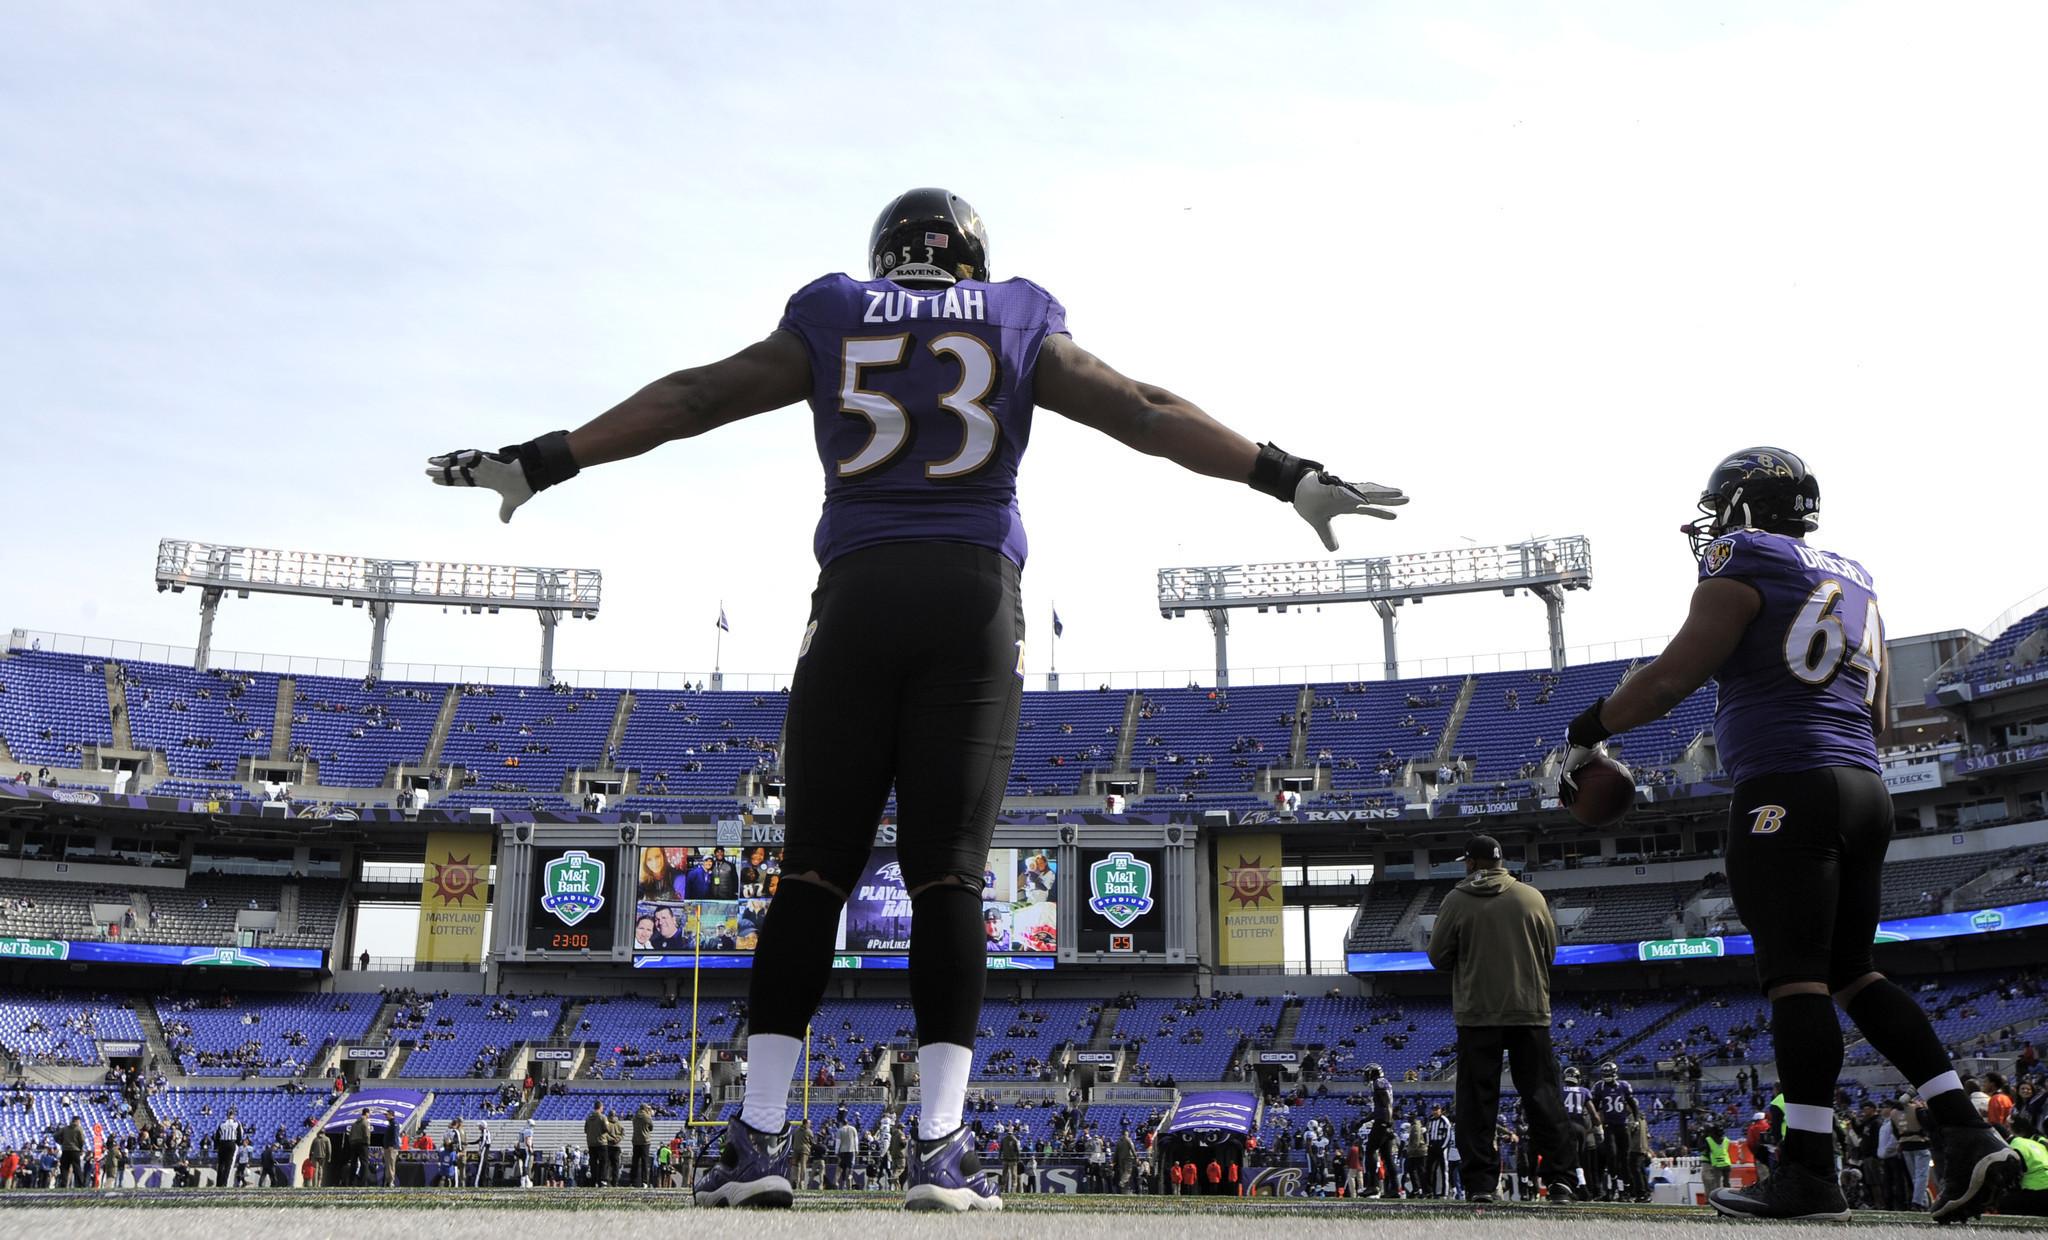 Jeremy Zuttah Ravens